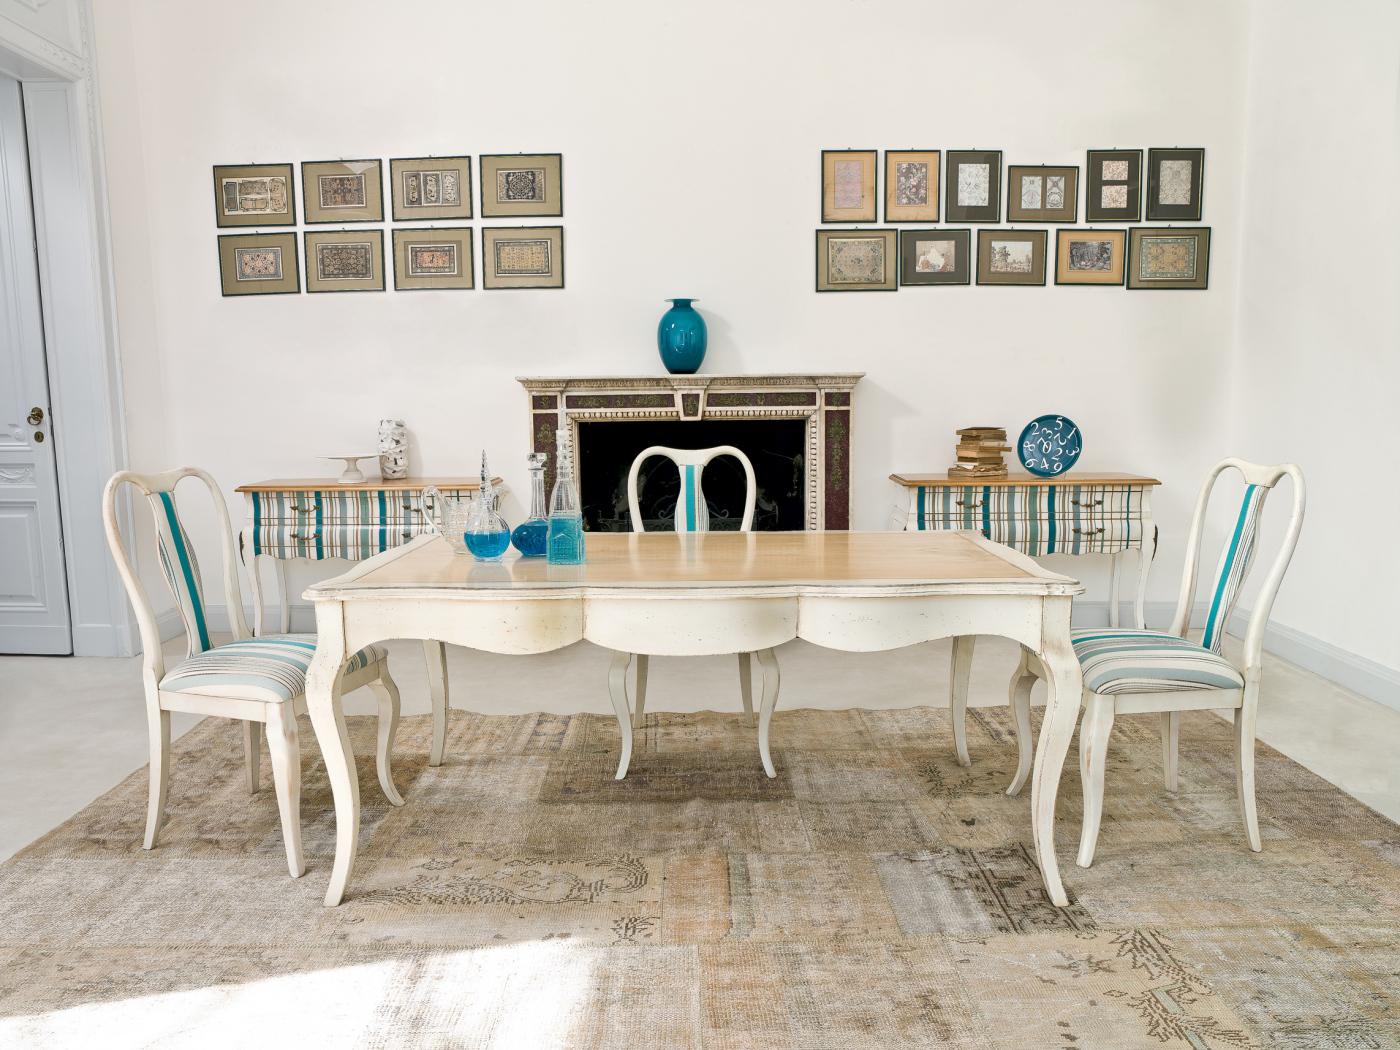 Mobili classici tutto l 39 arredo per la vostra casa in stile for Mobili piu